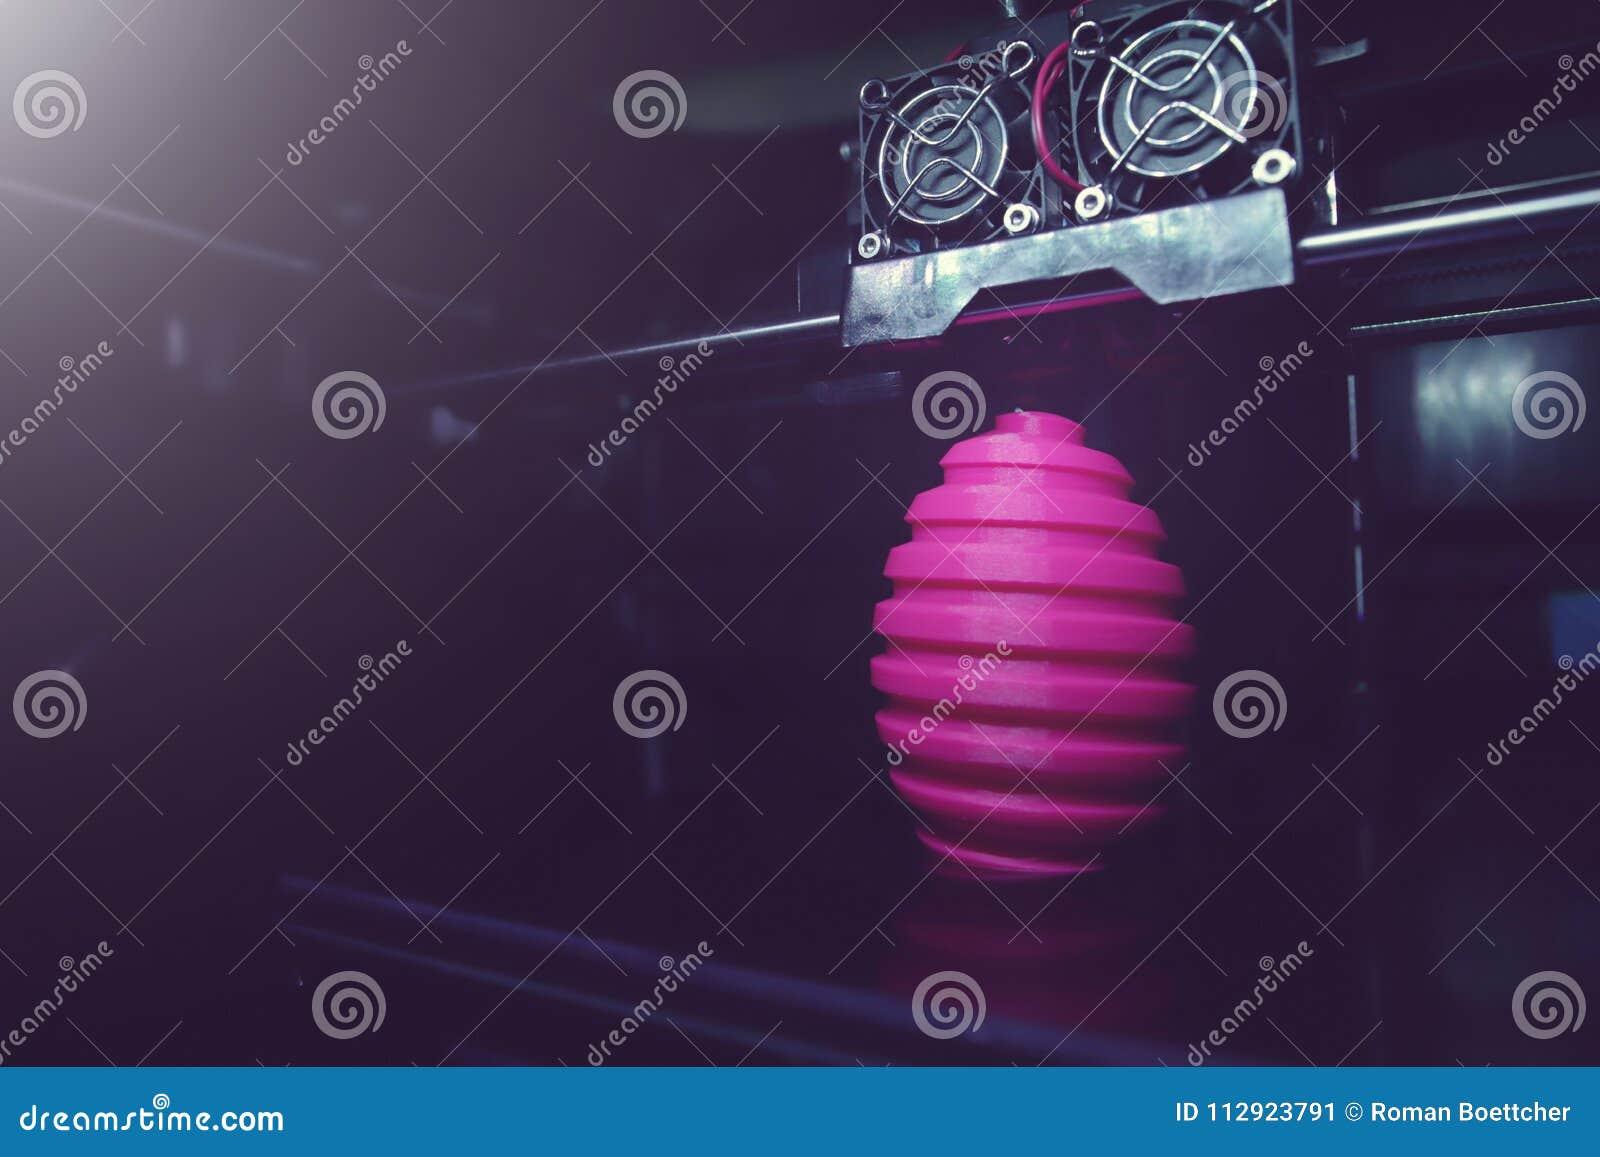 För tillverkningssår för FDM 3D-printer för easter rosa skulptur ägg - bred vinkelsikt på objekt, tryckhuvudet och maskinkammare